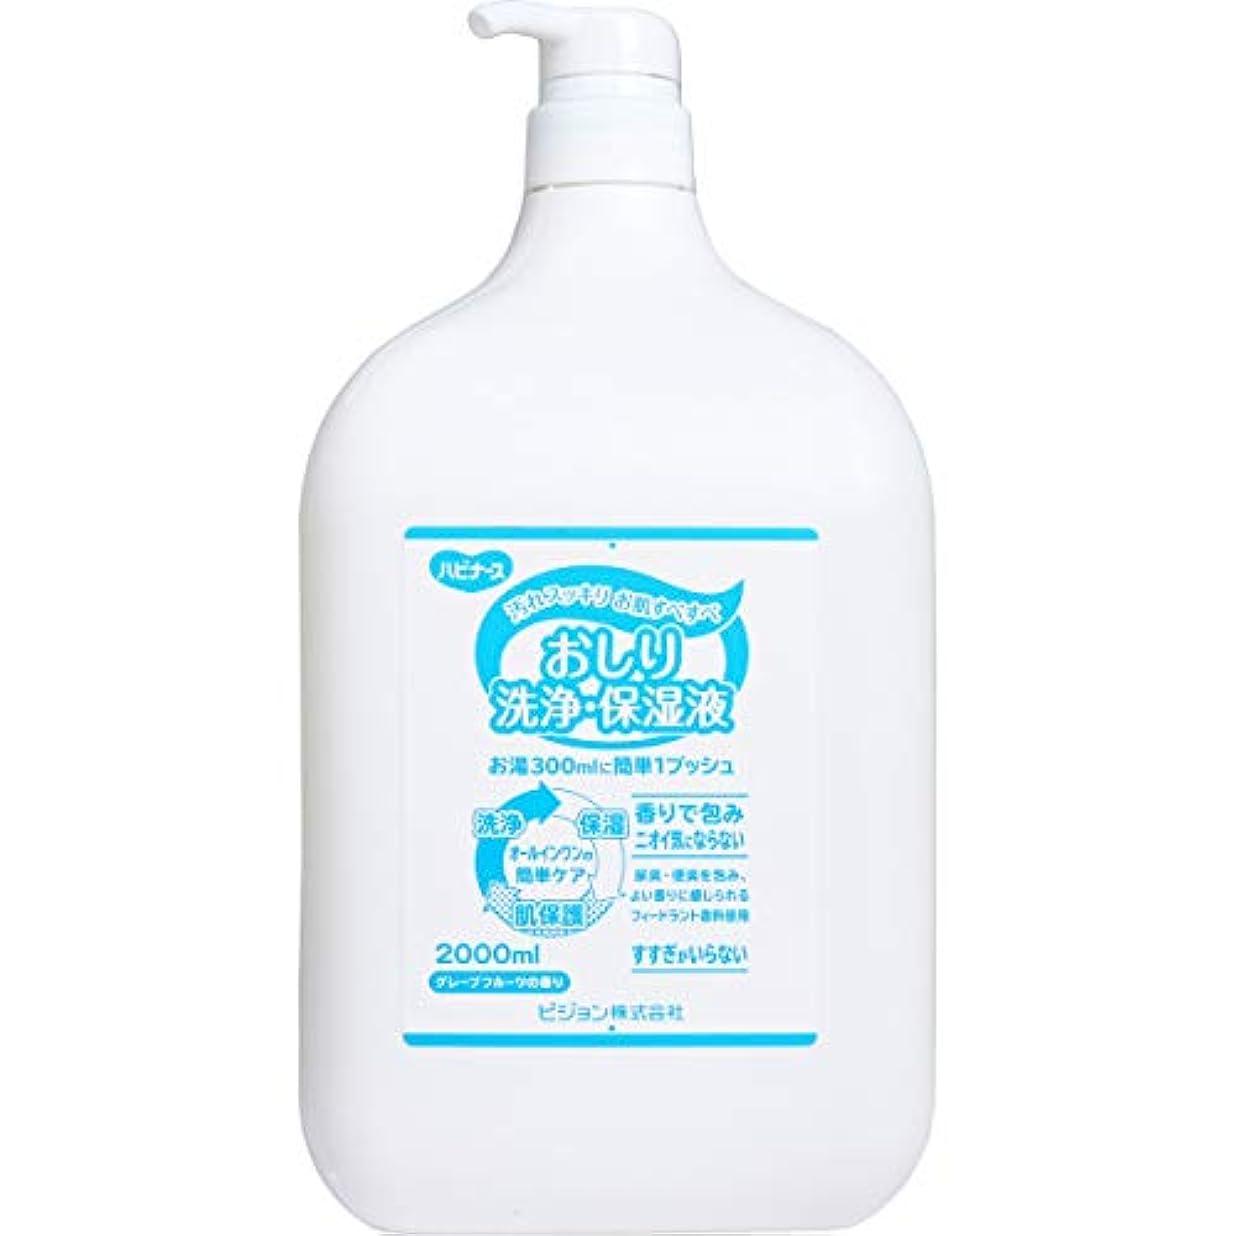 理論的補正抽出ハビナース おしり洗浄?保湿液 グレープフルーツの香り 2000mL 洗浄?保湿?肌保護 オールインワンの簡単ケア!